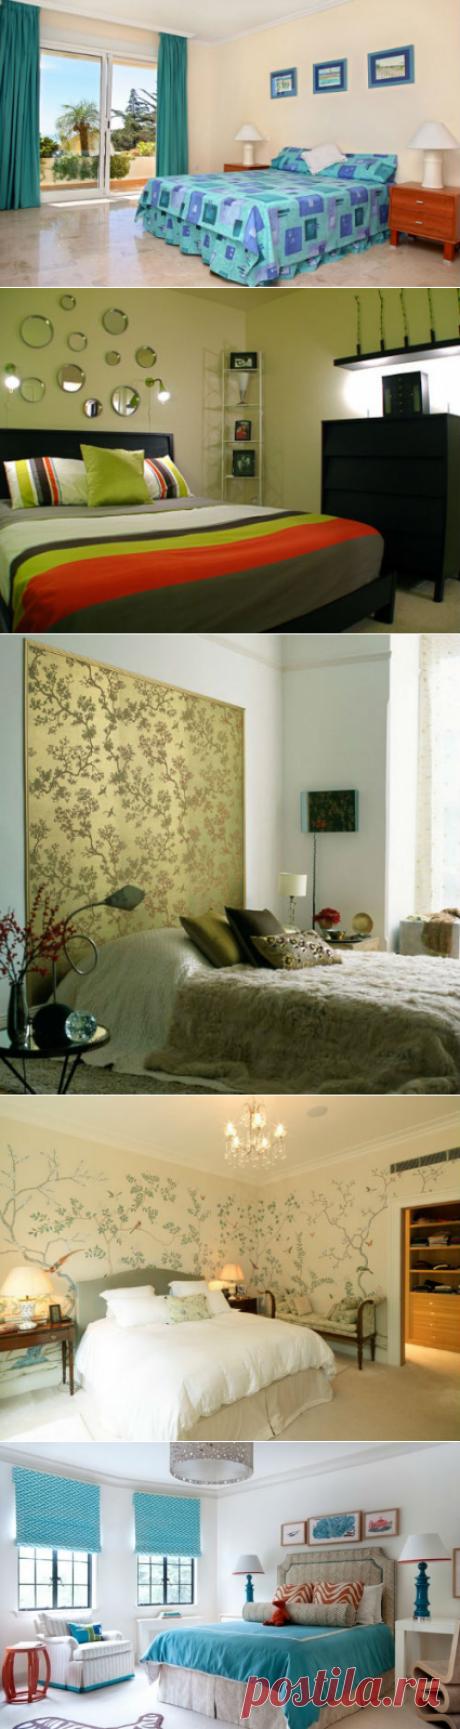 Какой цвет обоев для спальни выбрать?